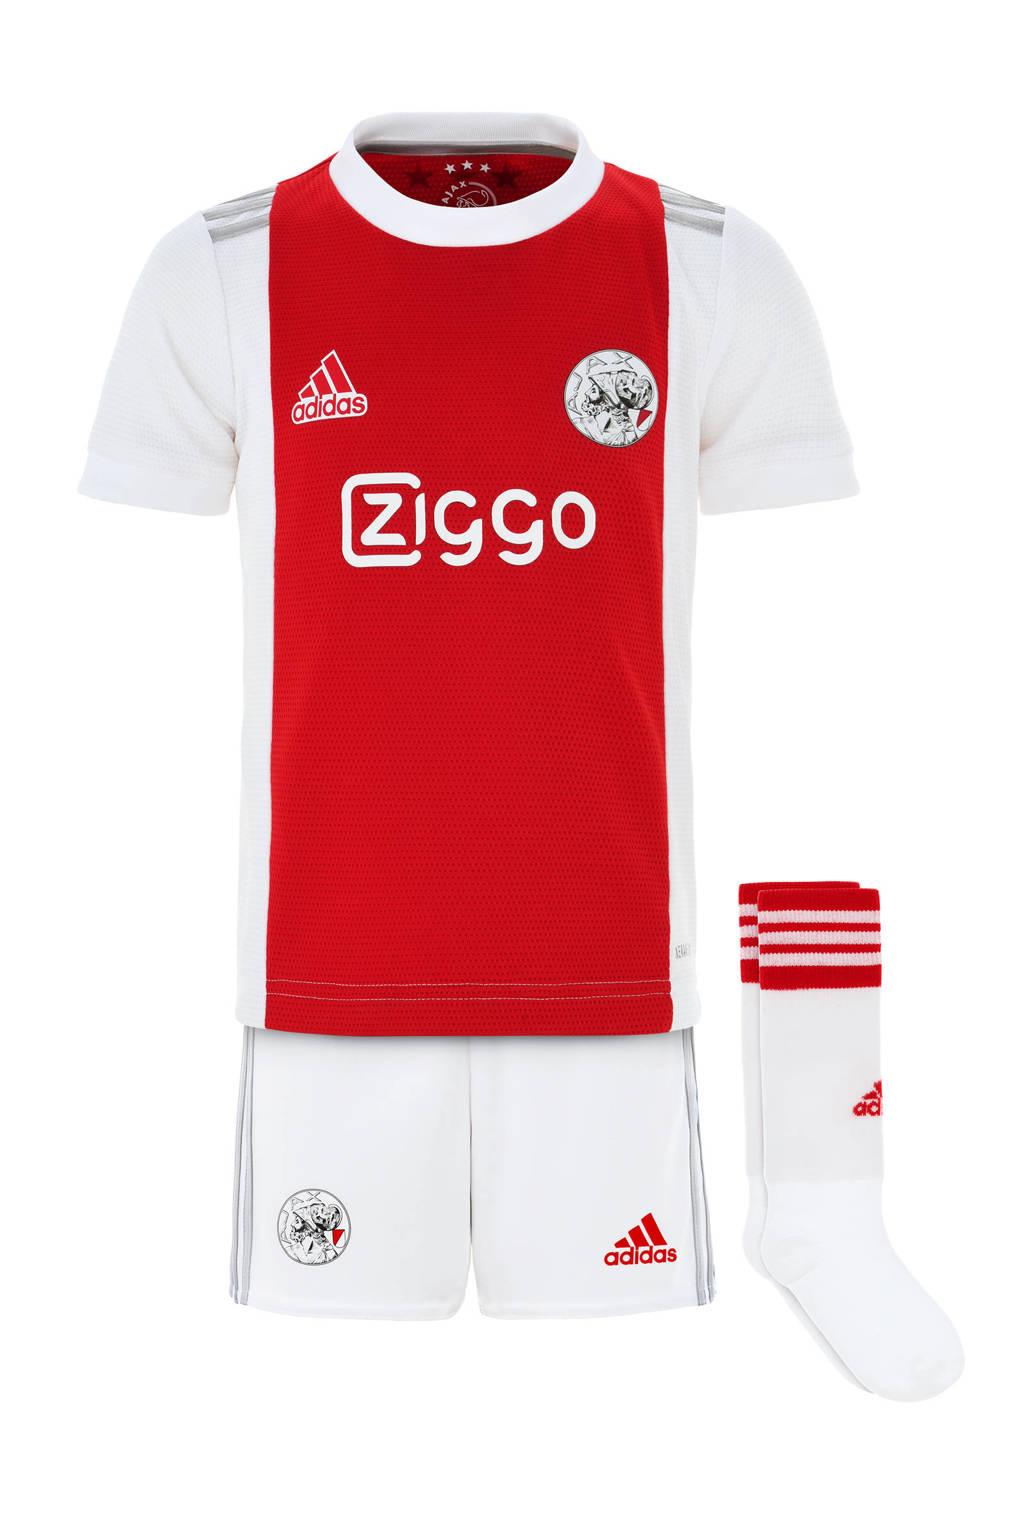 adidas Performance Junior Ajax Amsterdam voetbalset thuis, Wit/rood